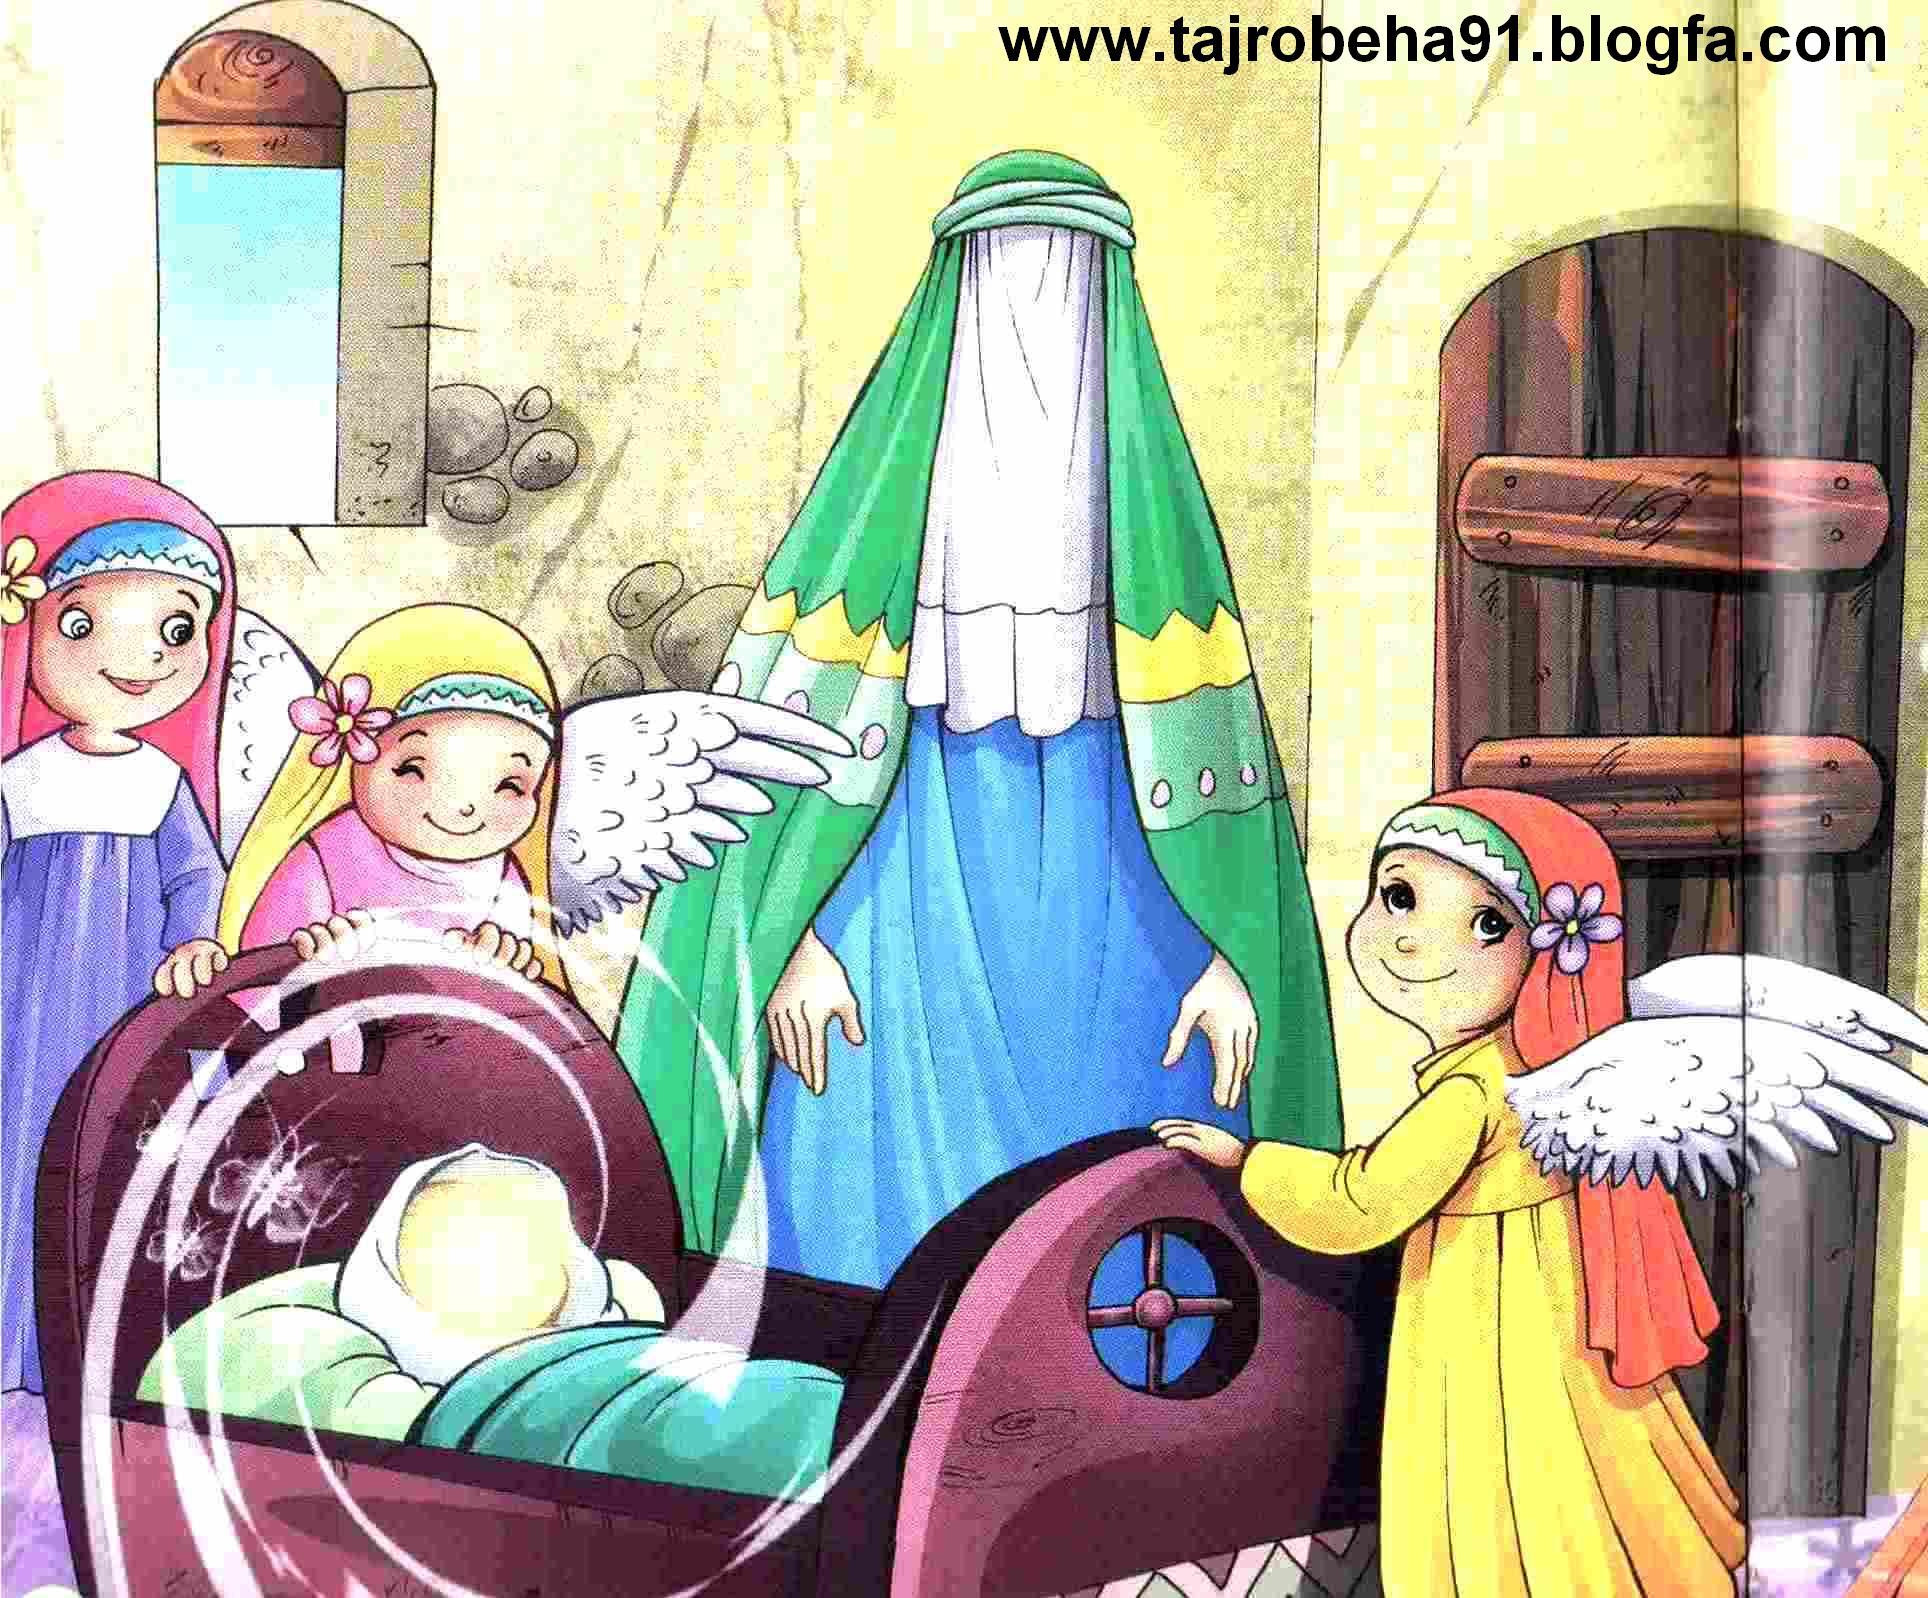 تصویر مذهبی کودکانه  میلاد امام حسین ع